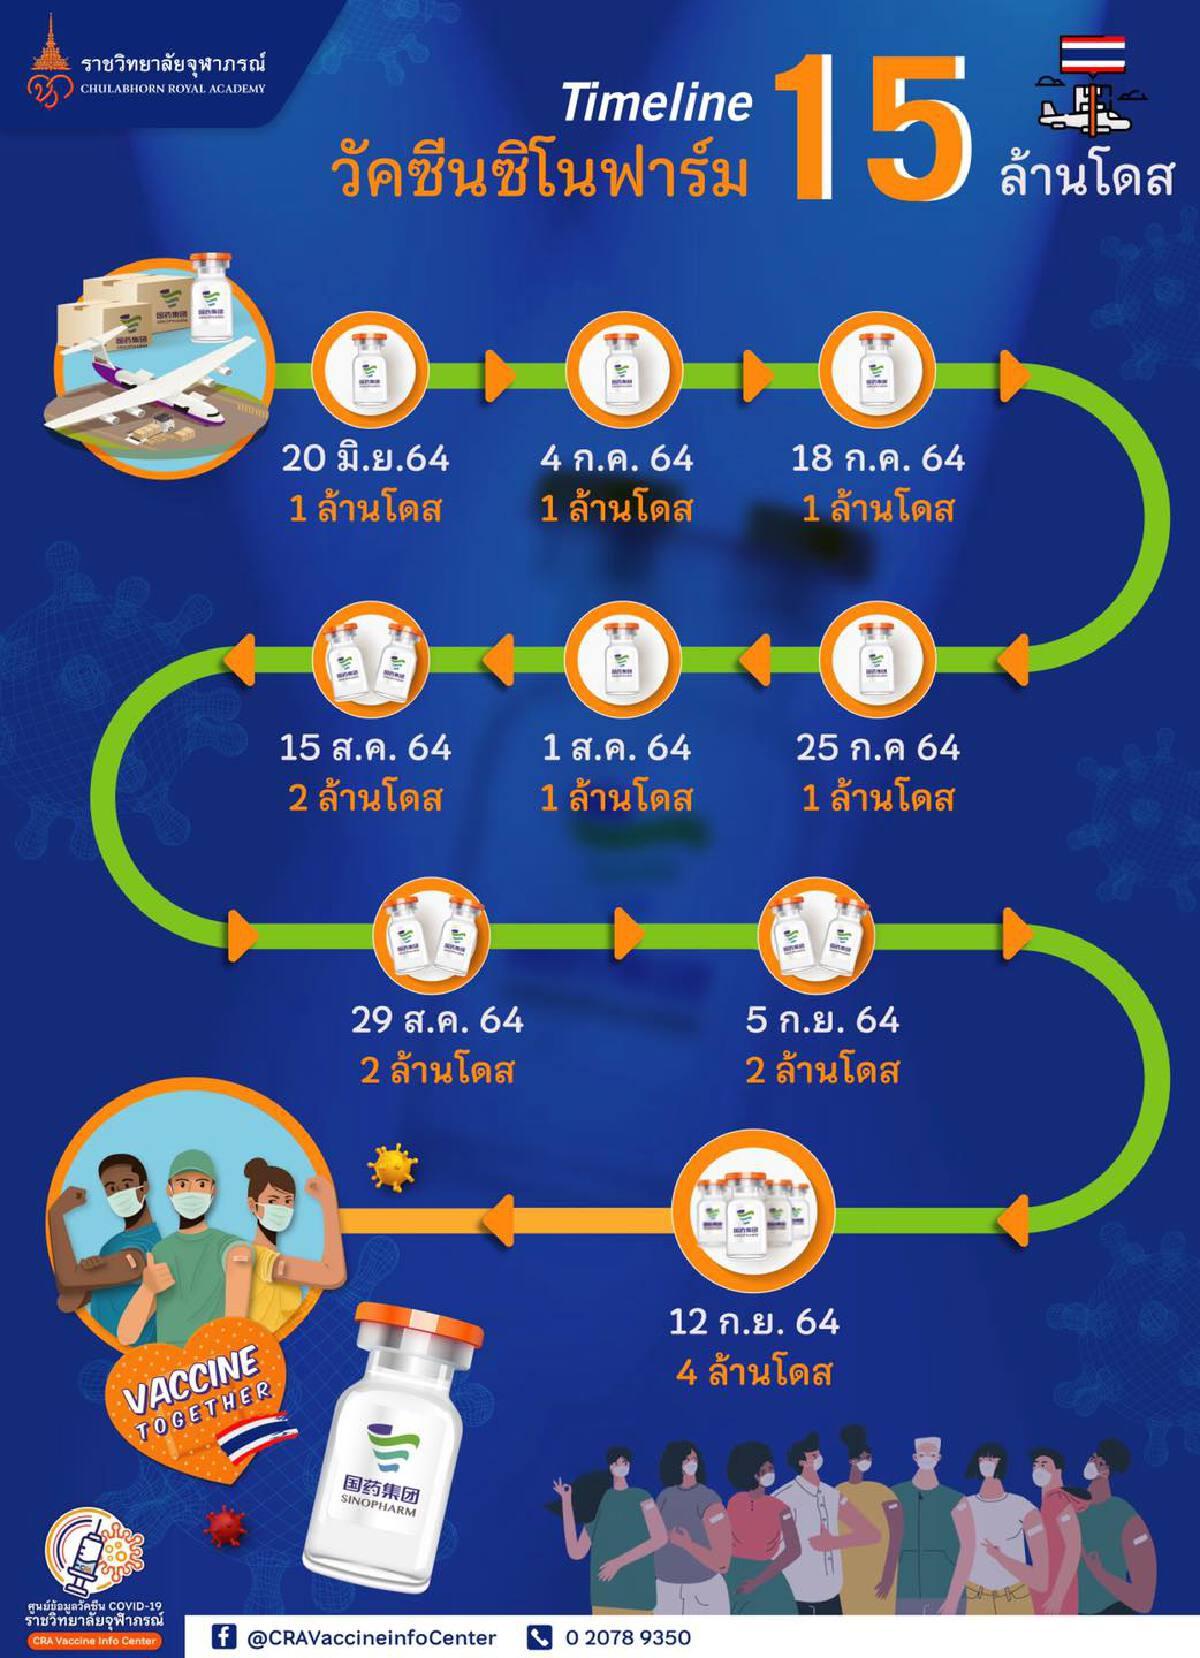 """""""วัคซีนซิโนฟาร์ม"""" ลอต 9 ถึงไทยอีก 4 ล้านโดส เตรียมกระจายฉีดระยะ 3"""